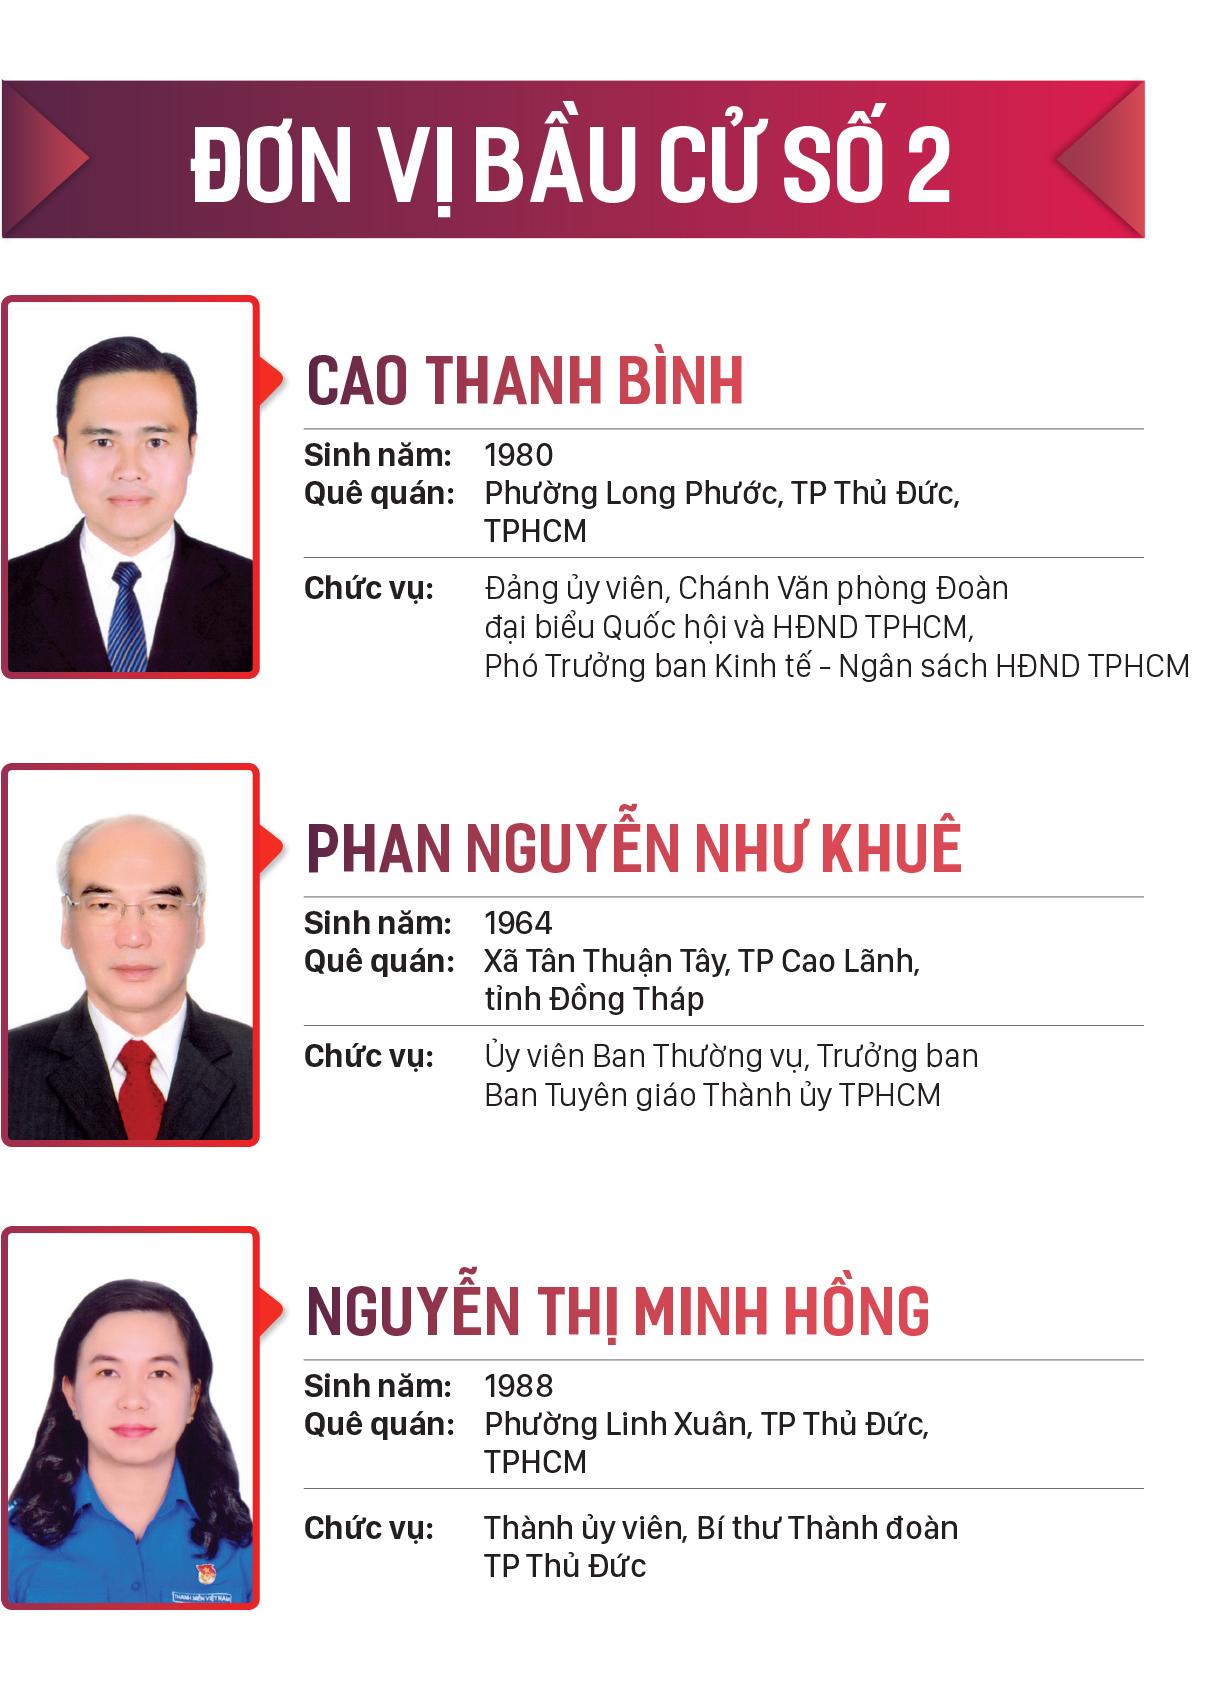 Danh sách những người trúng cử đại biểu HĐND TPHCM khóa X, nhiệm kỳ 2021-2026 ảnh 2